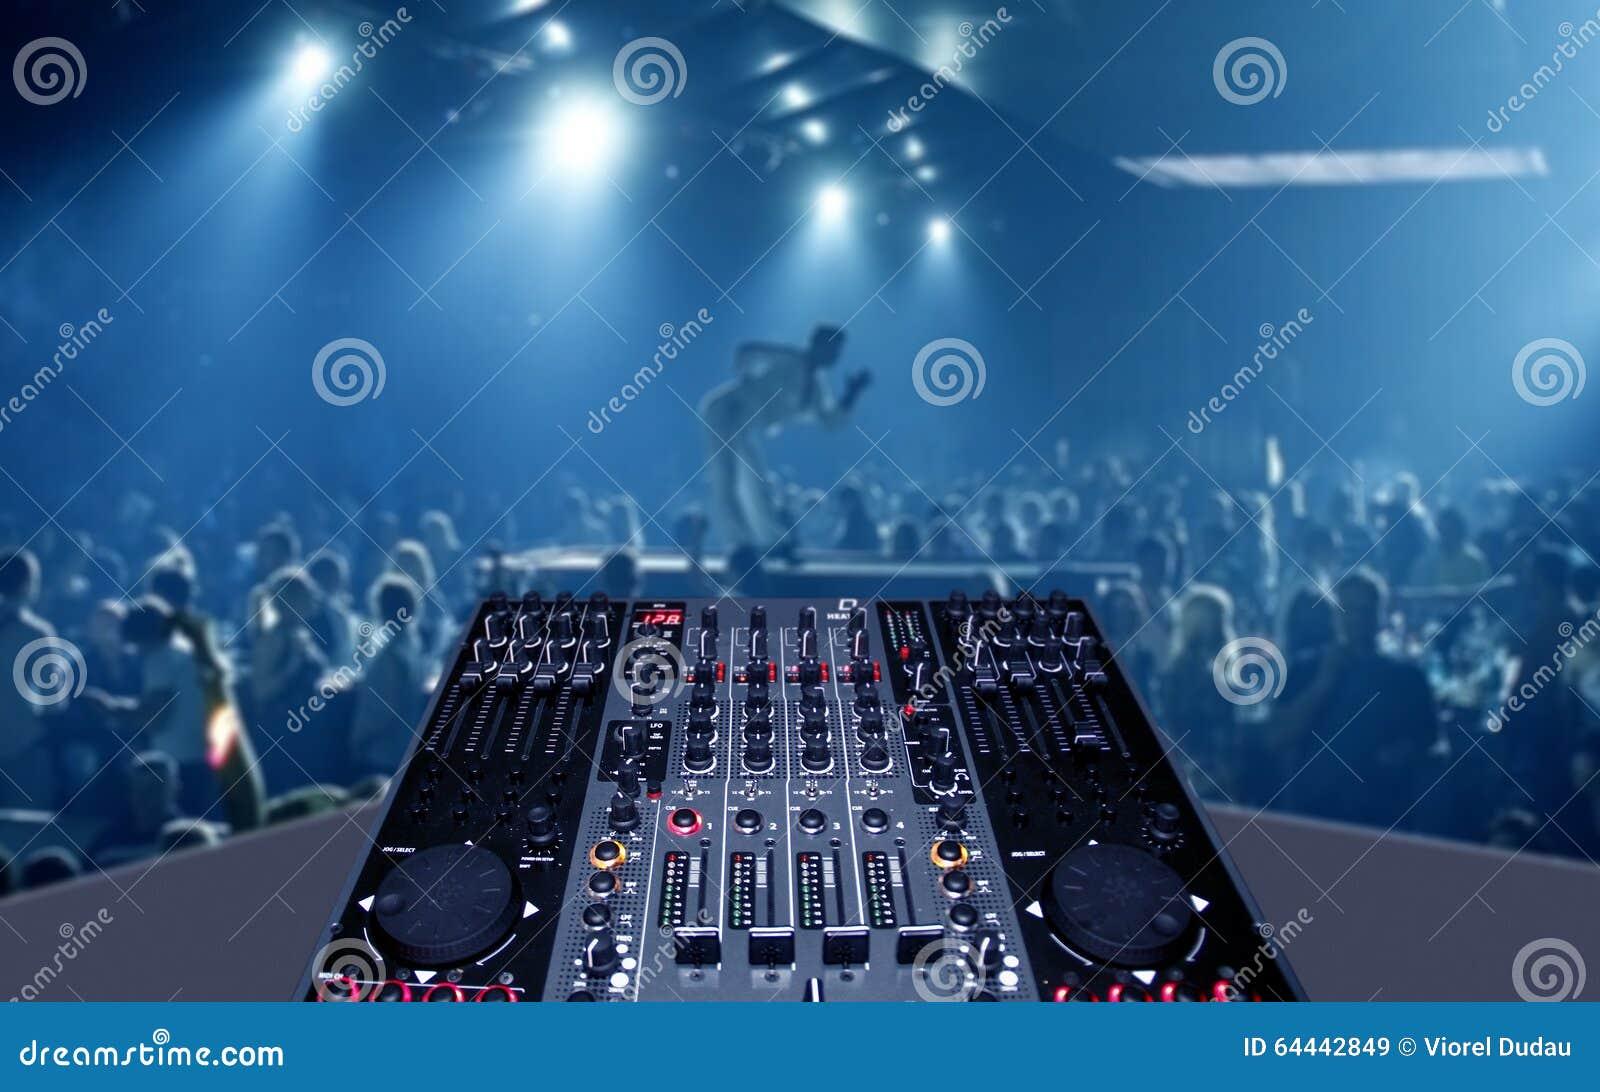 Blandande skrivbord i nattklubbparti med lightshow